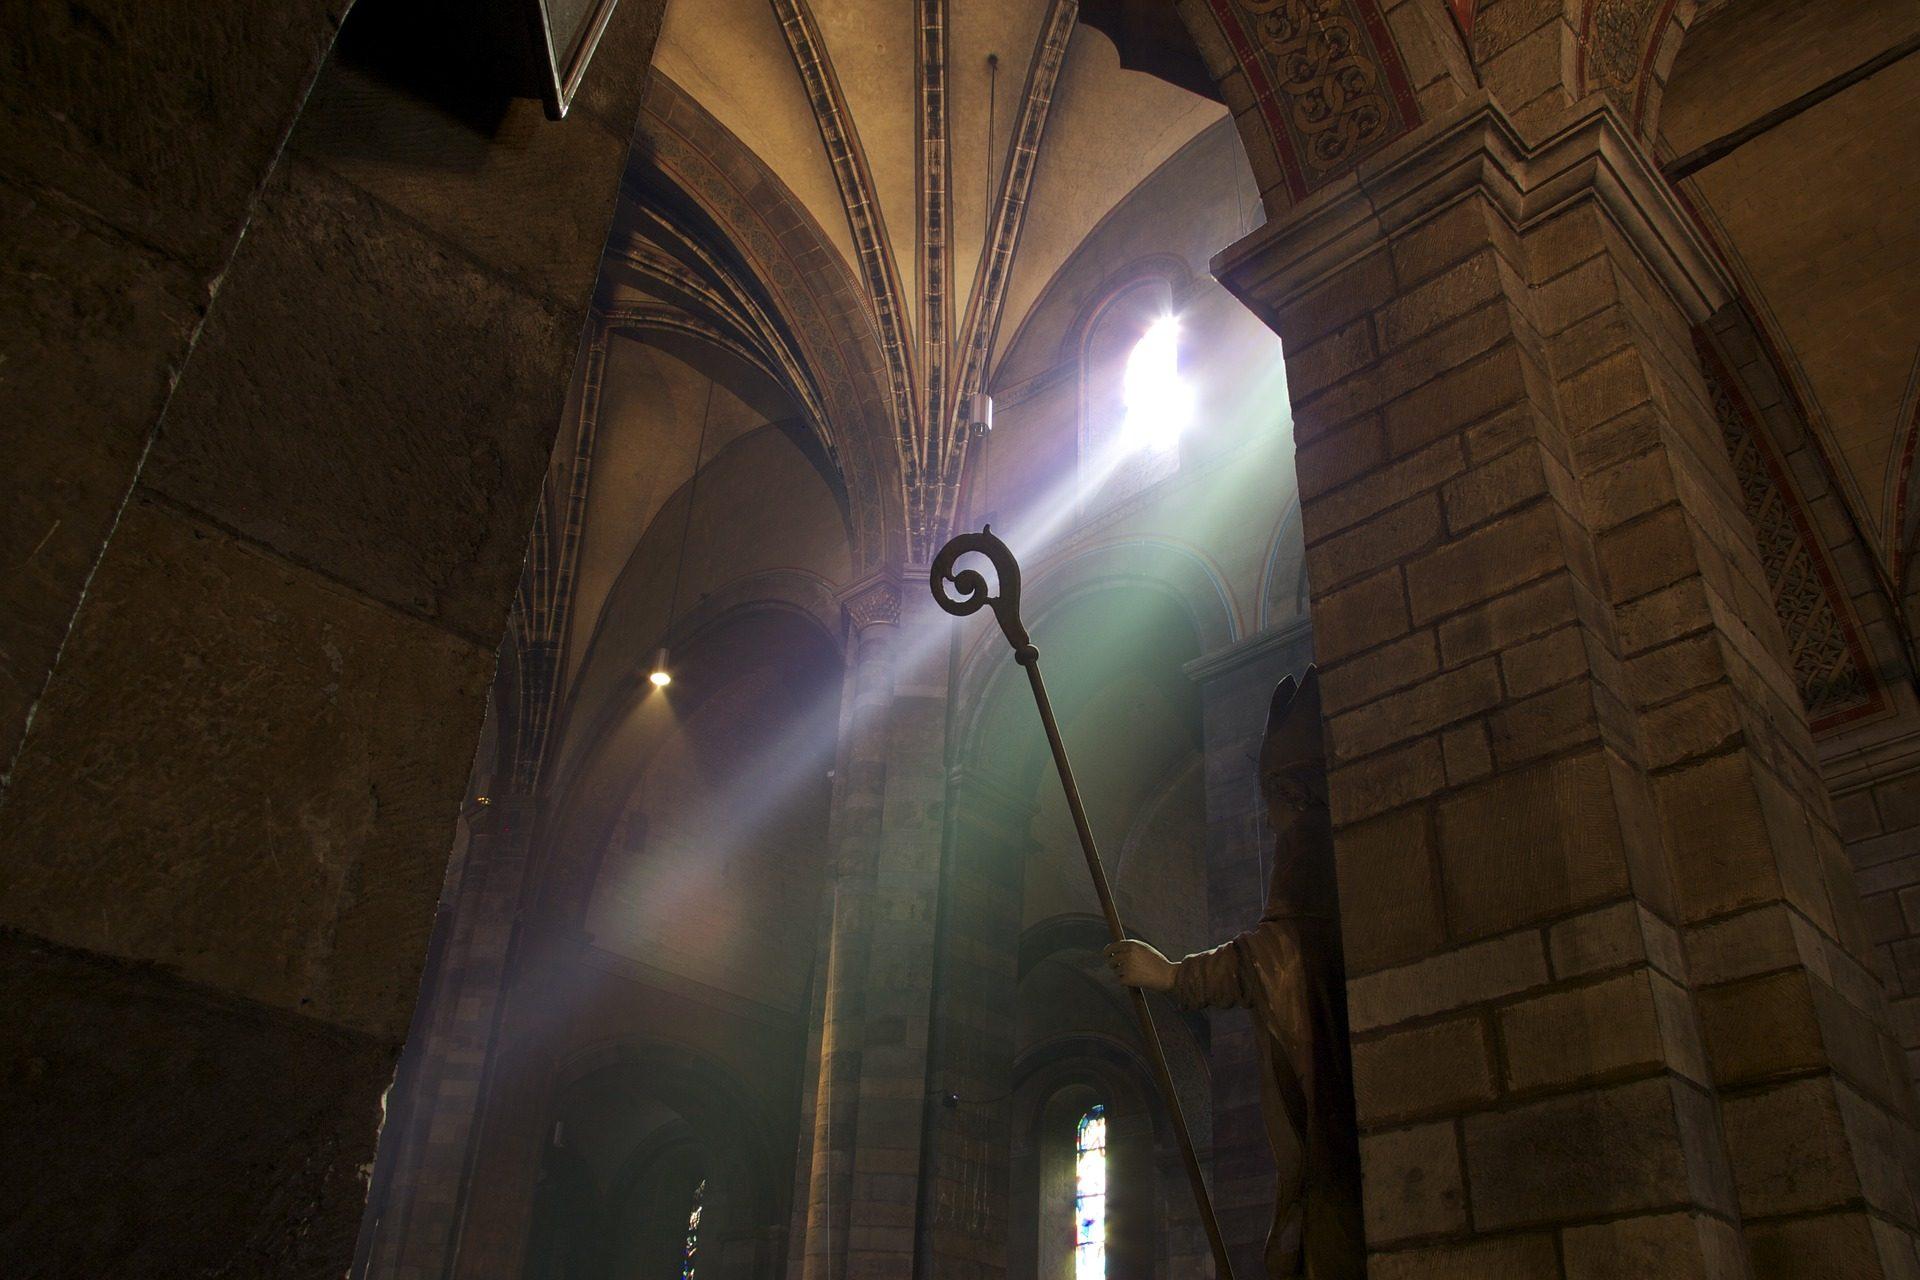 Église, Cathédrale, verre souillé, lumière, coloré - Fonds d'écran HD - Professor-falken.com